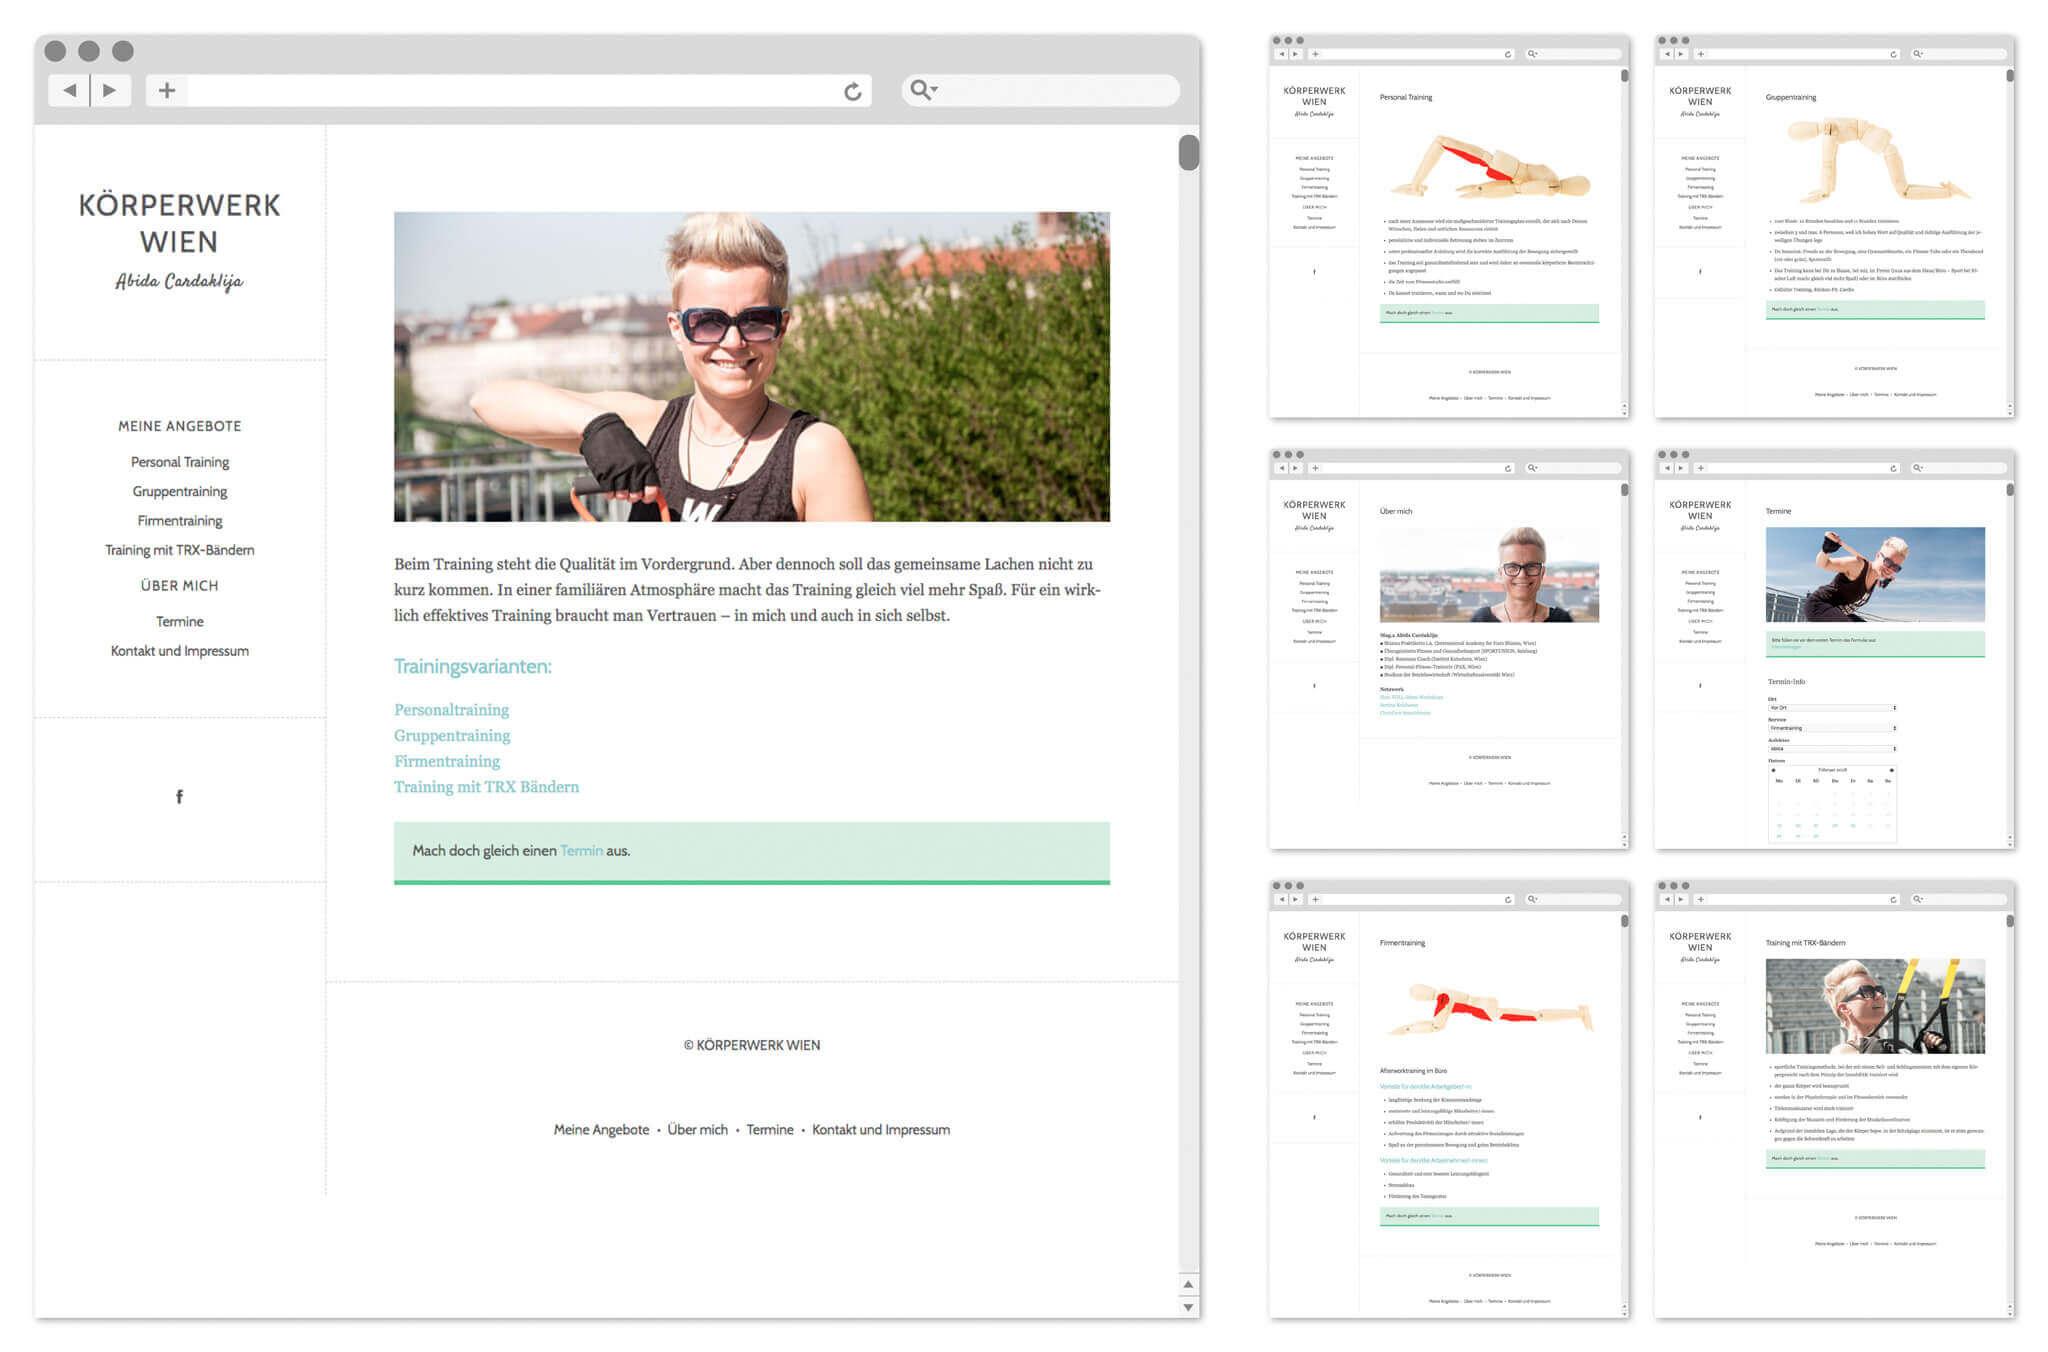 Körperwerk Wien   Webseitenentwurf   Entwurf und Gestaltung   2017